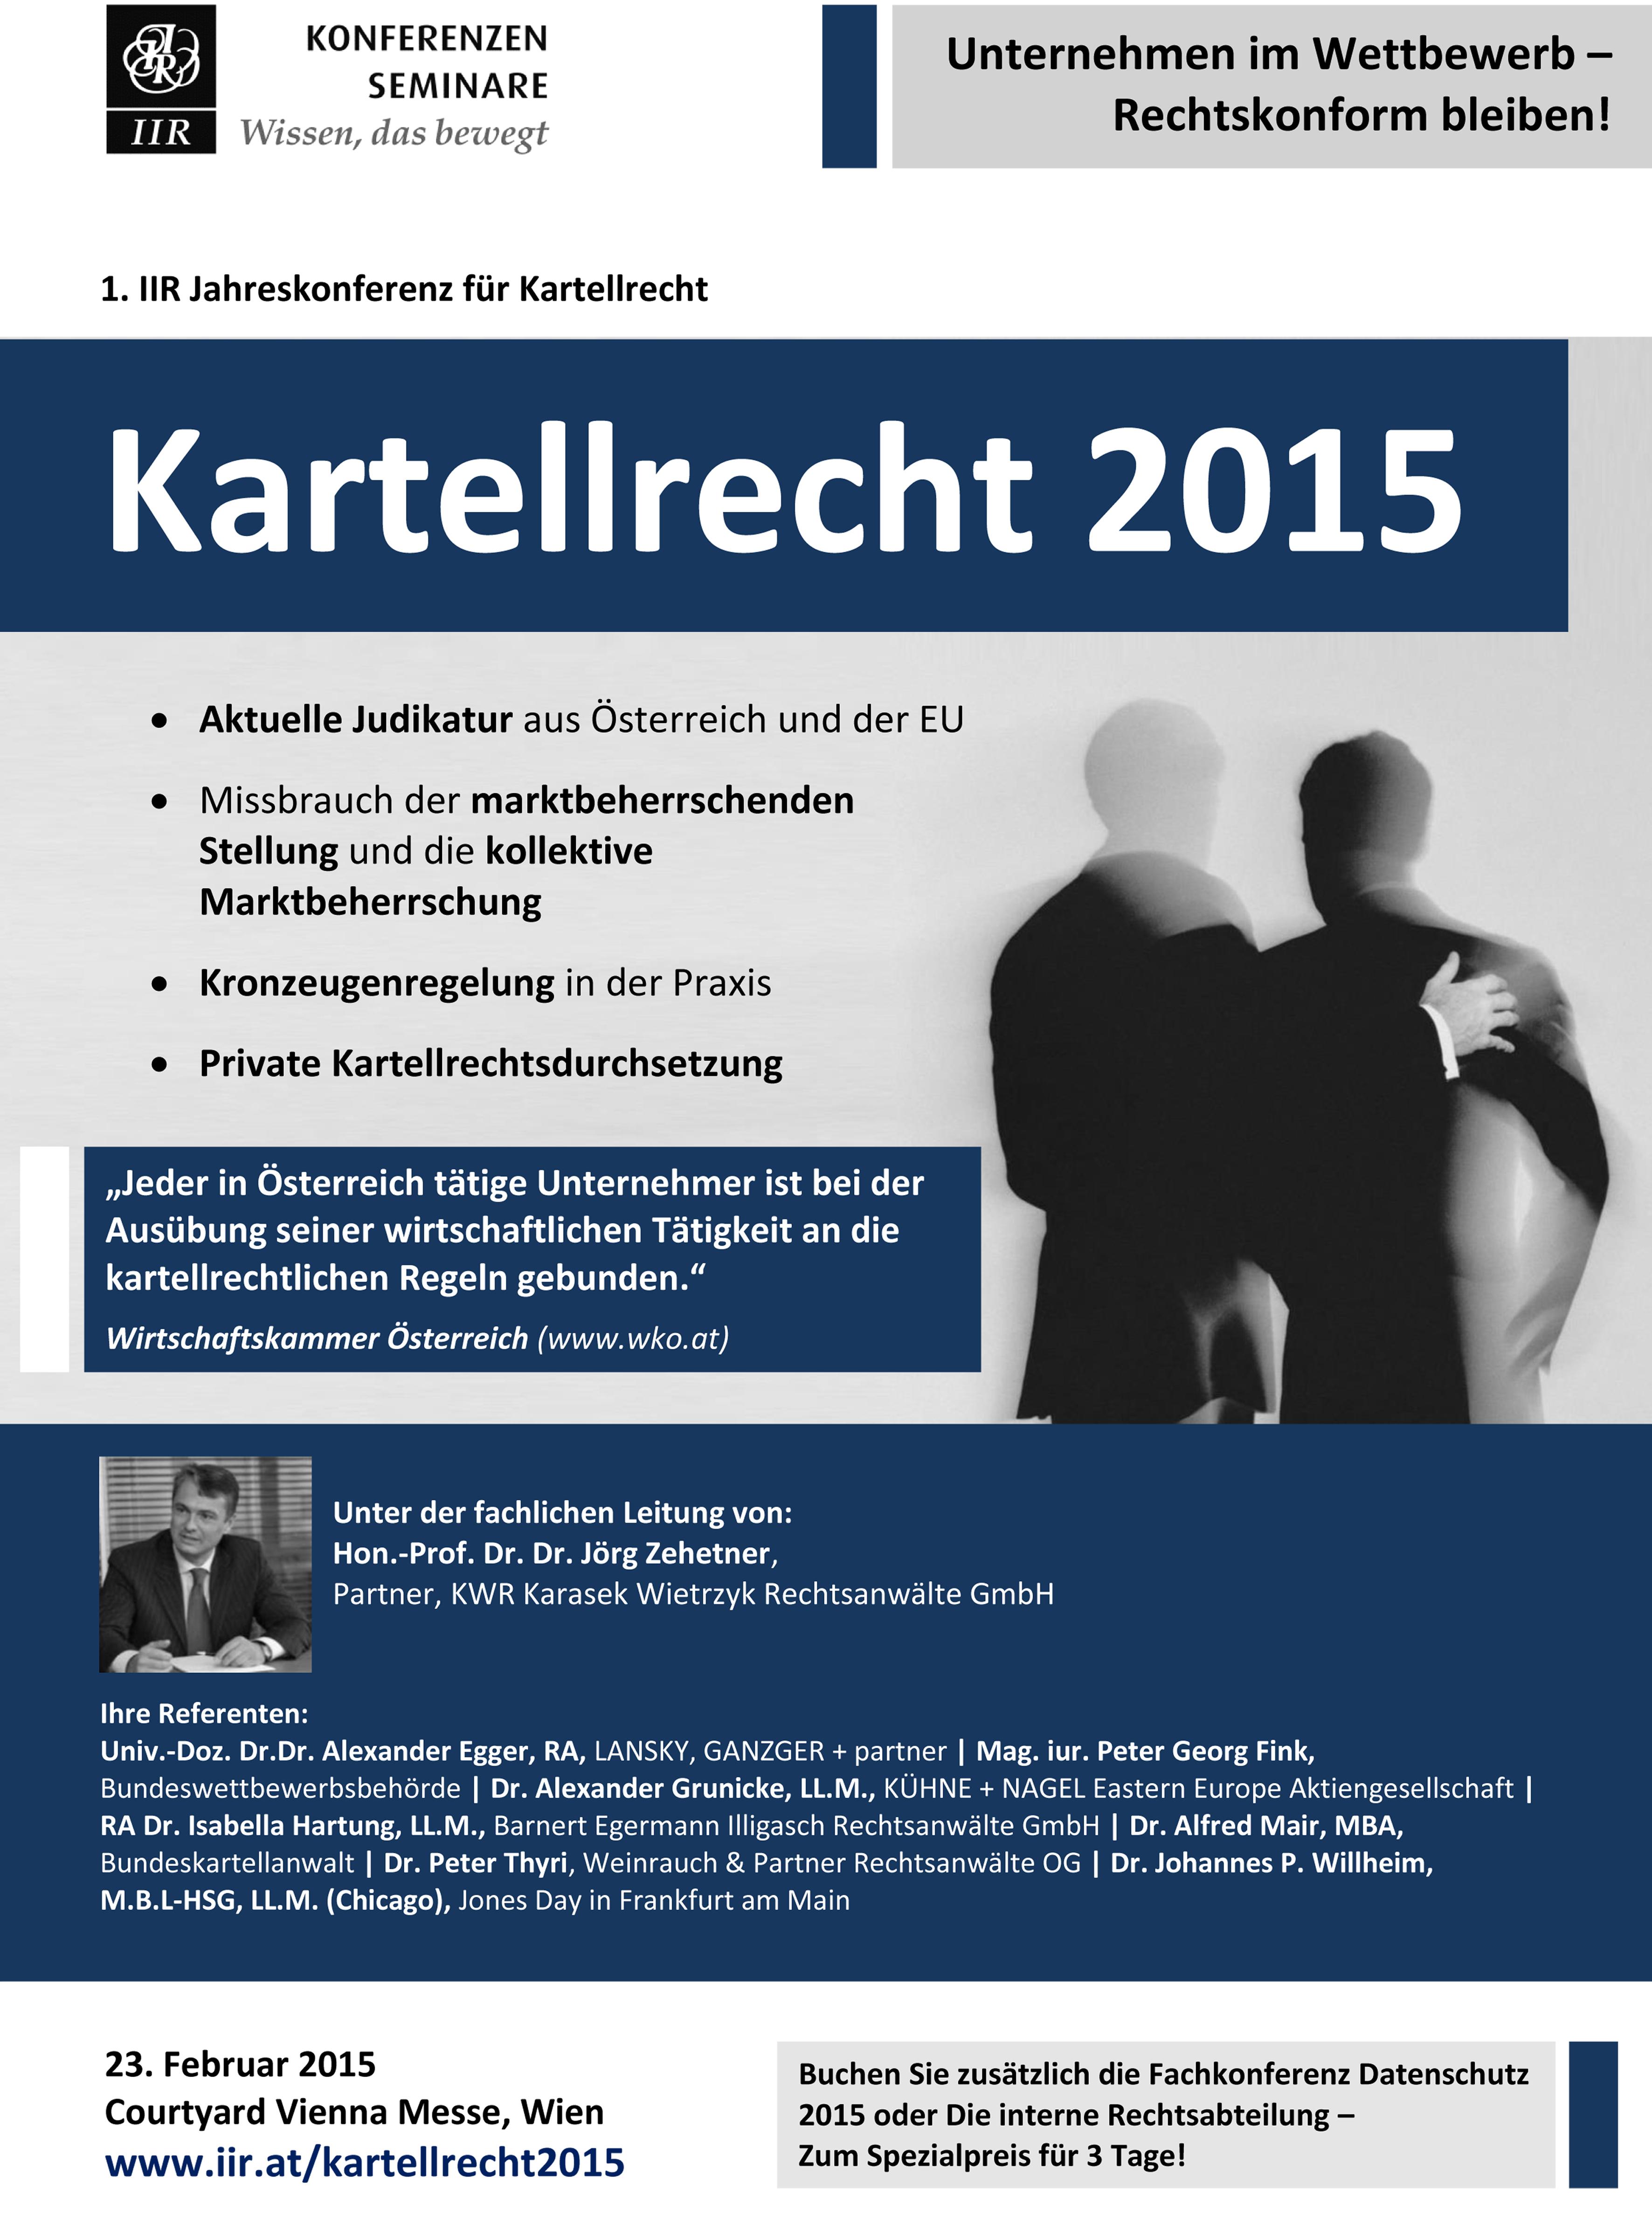 BILD - IIR Jahreskonferenz Kartellrecht 2015